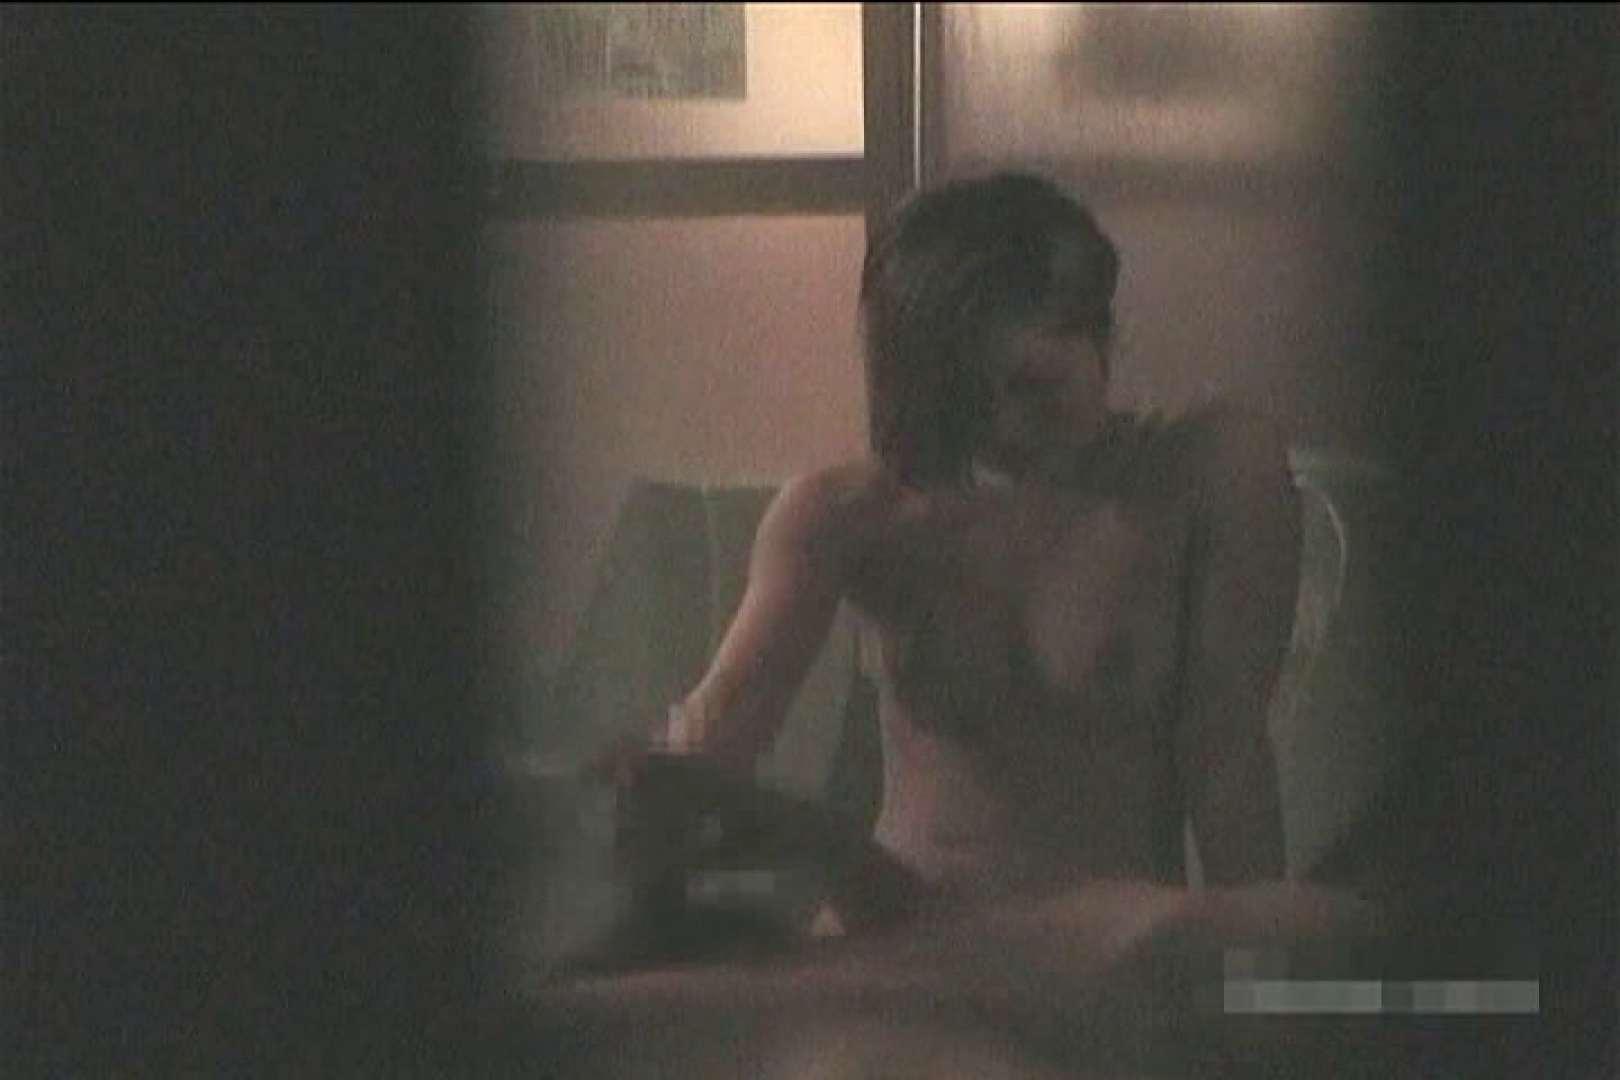 全裸で発情!!家族風呂の実態Vol.1 OLエロ画像 盗撮AV動画キャプチャ 78PICs 12